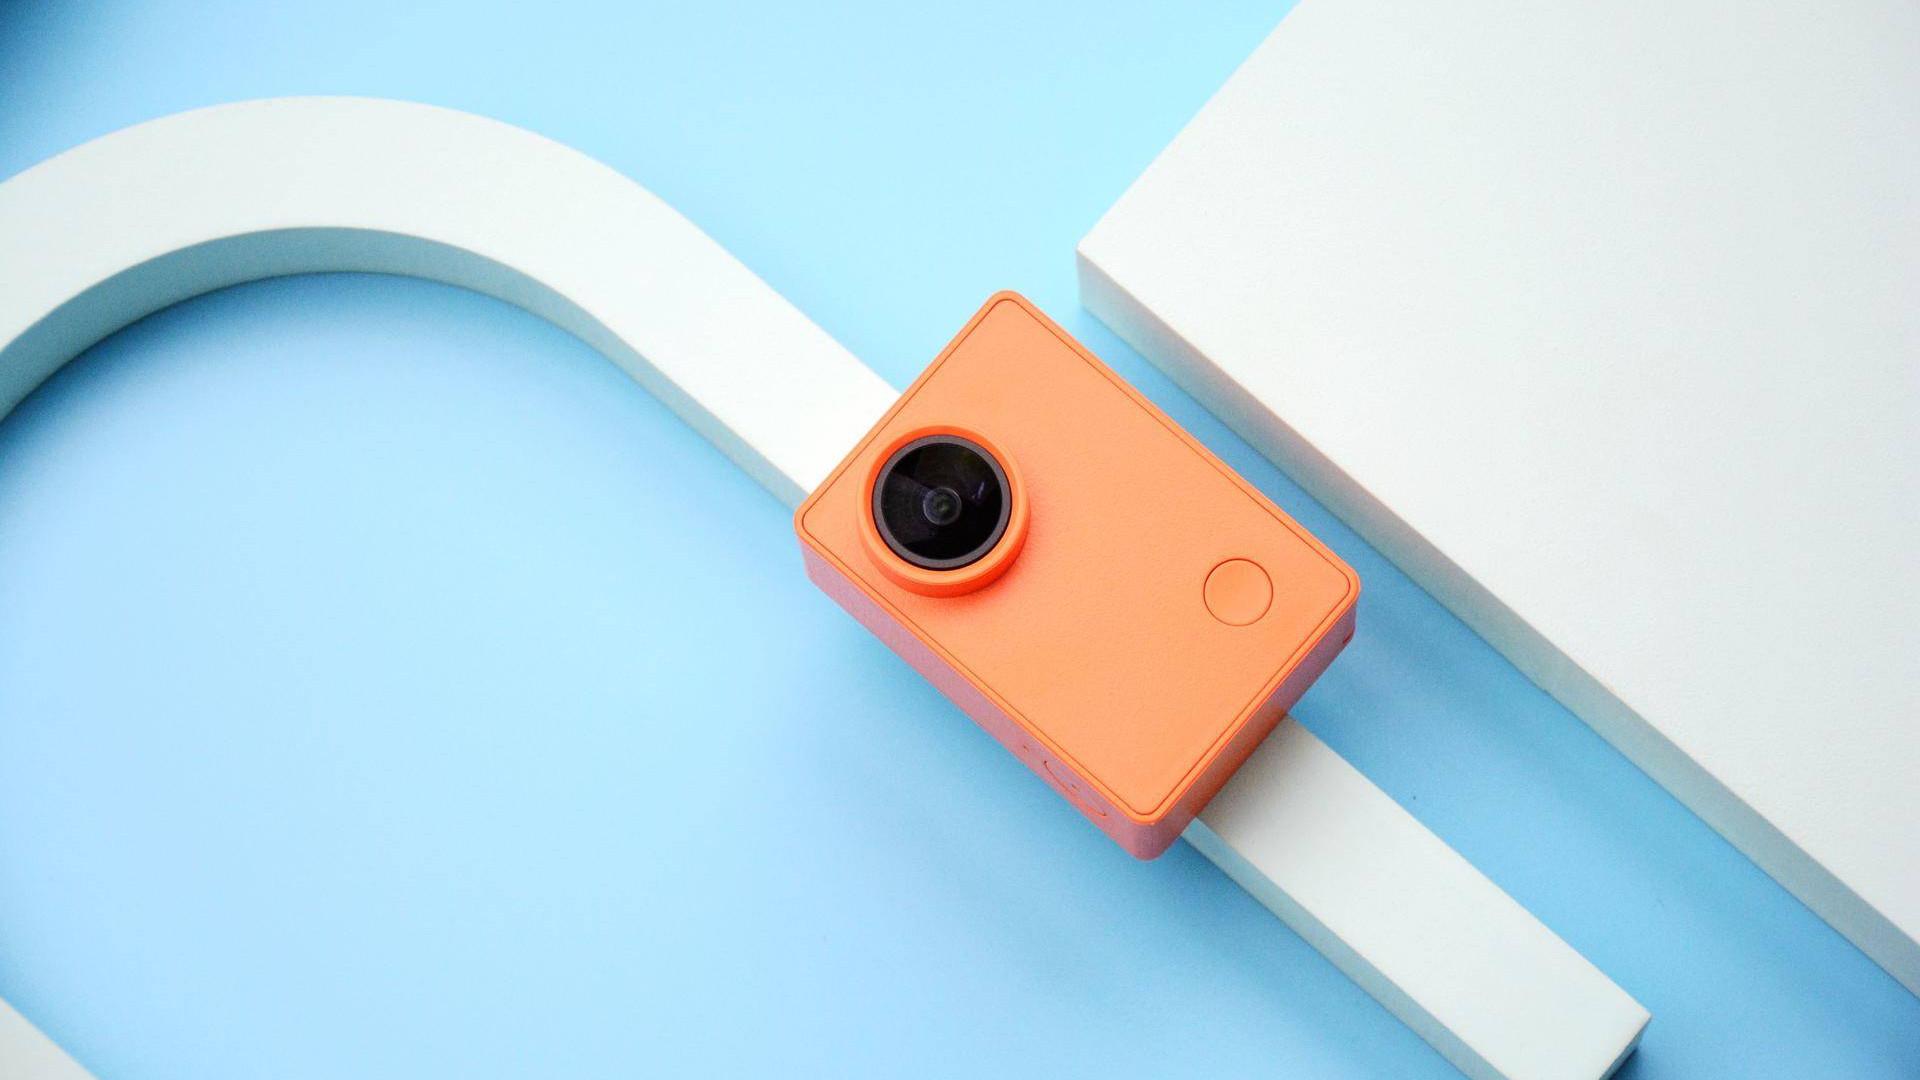 国产超低价:海鸟运动相机评测,户外爱好者的第一部运动相机